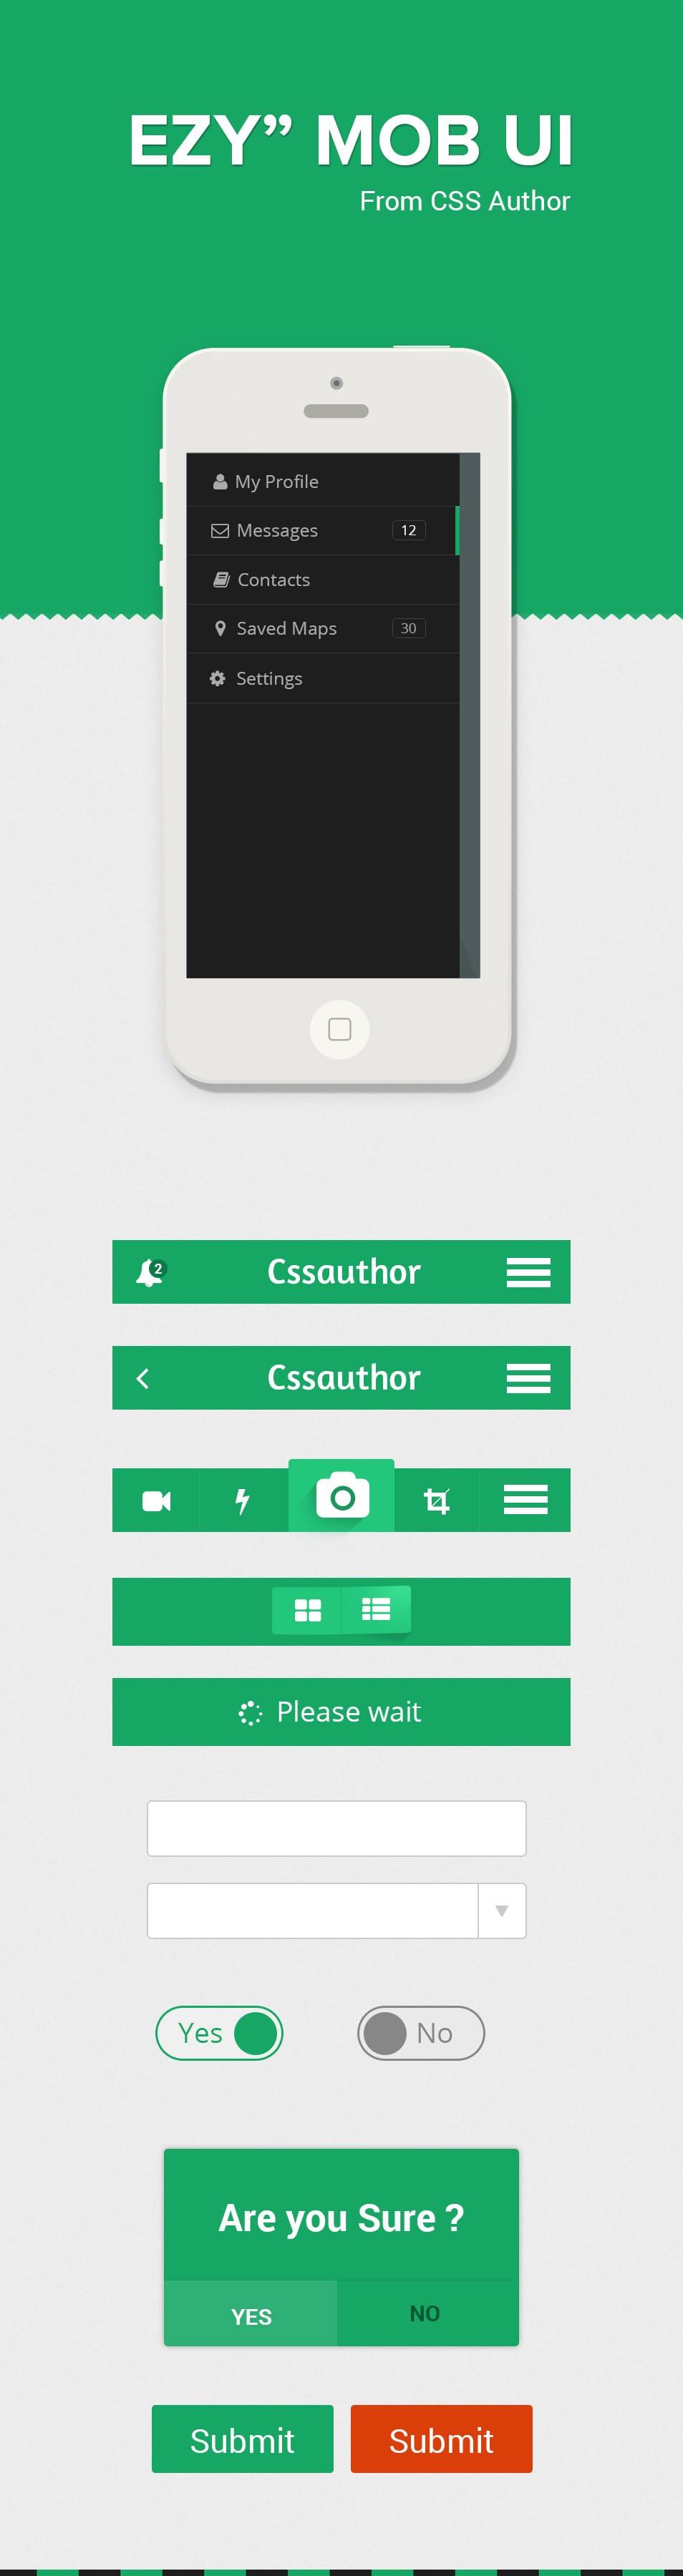 Ezy - A Mobile User Interface Design Kit PSD - cssauthor.com